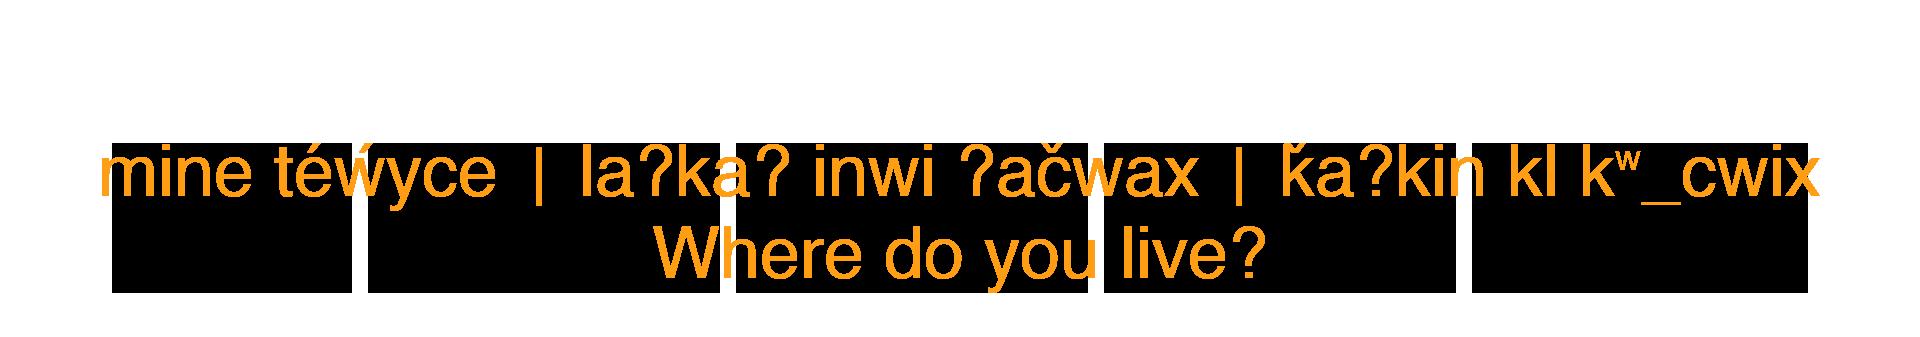 Where-do-you-live